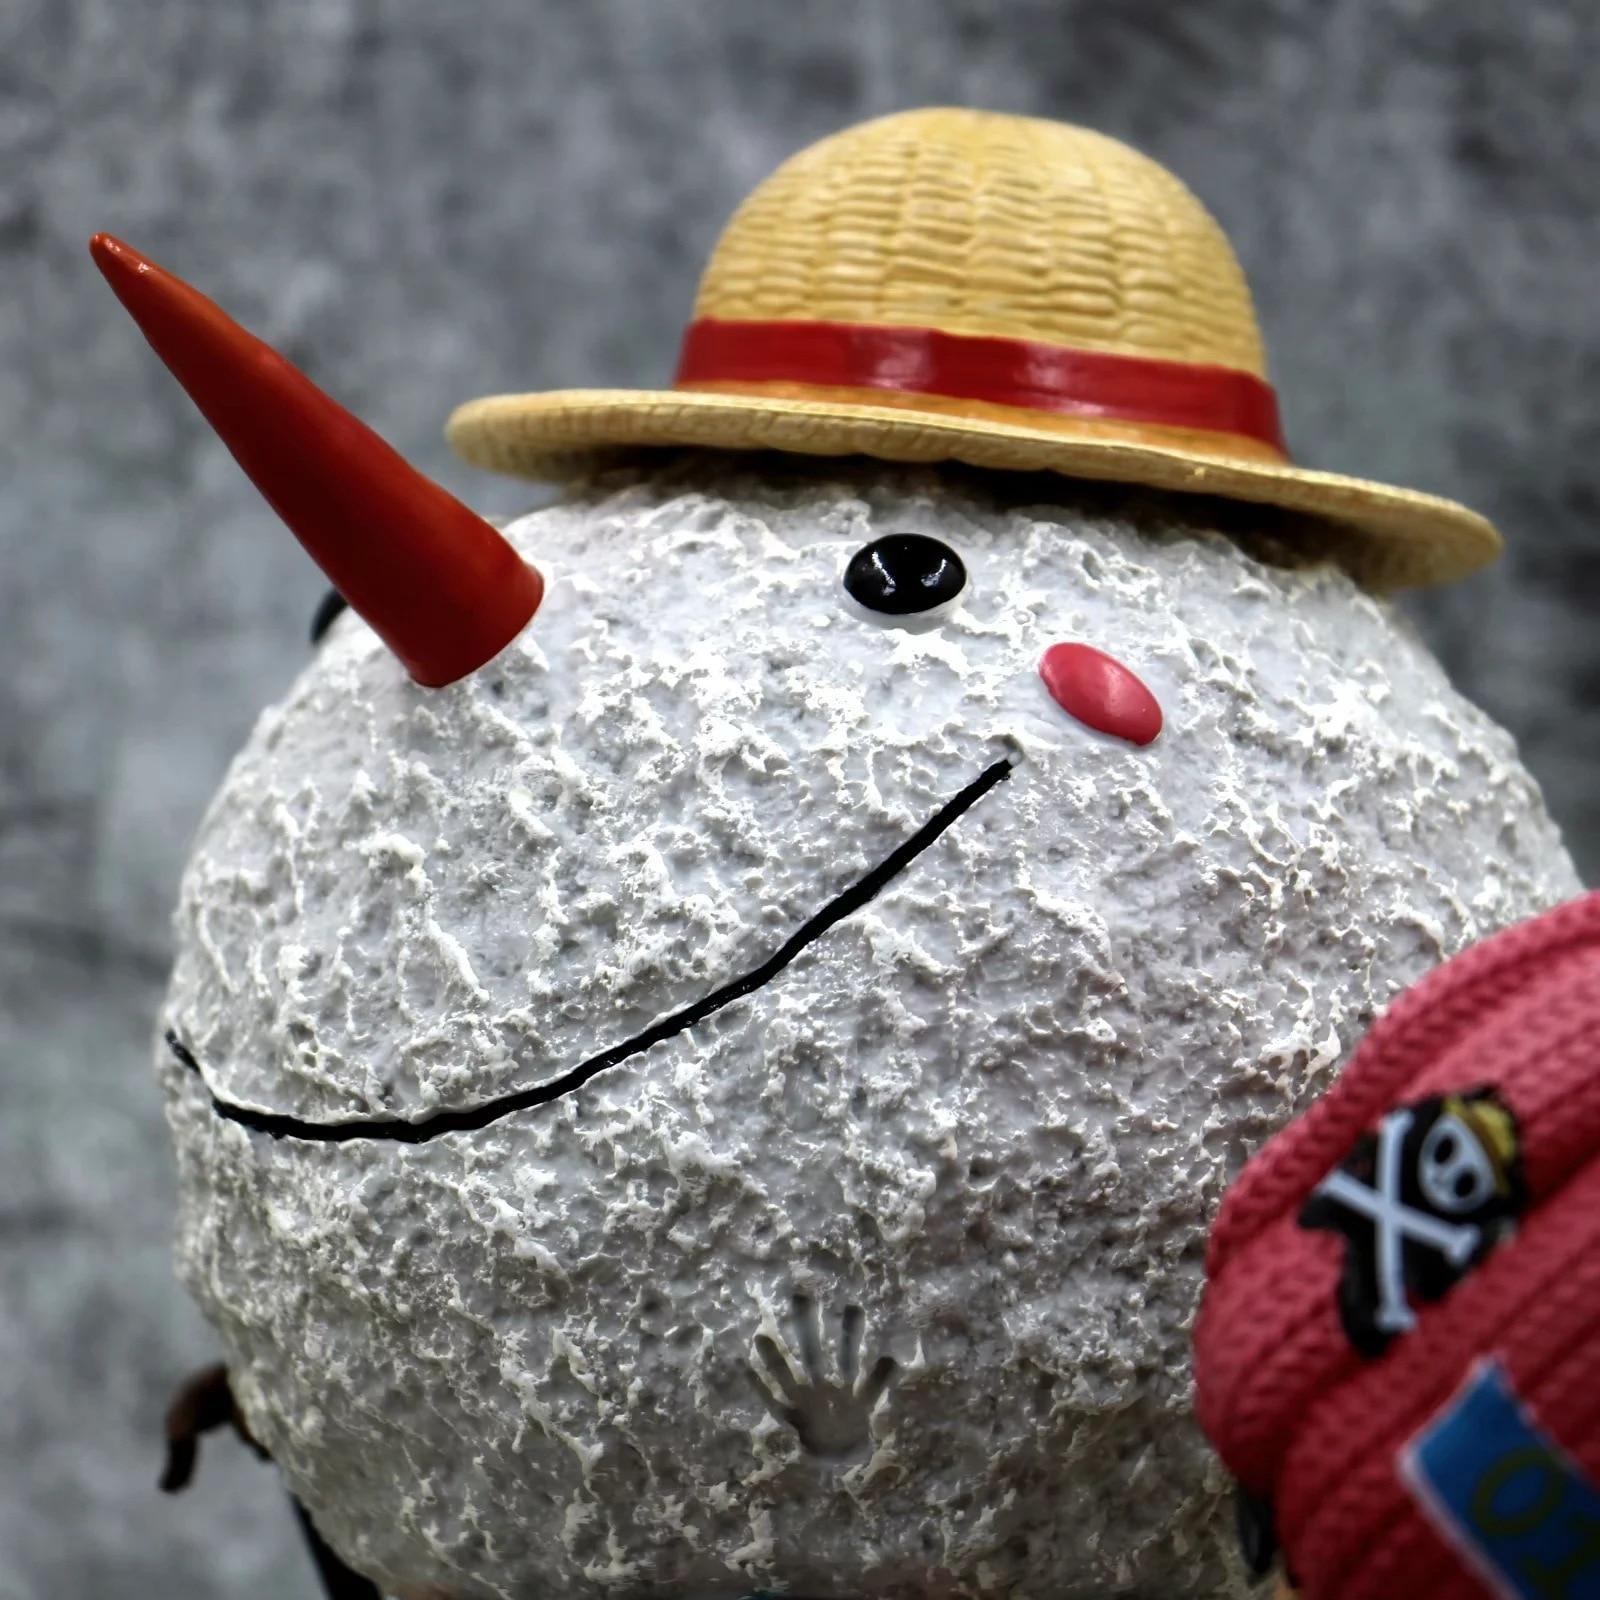 Hoed sneeuwpop Mascotte Kostuum Kostuums Cosplay Party Game Jurk Outfits Kleding Reclame Promotie Carnaval Halloween - 6